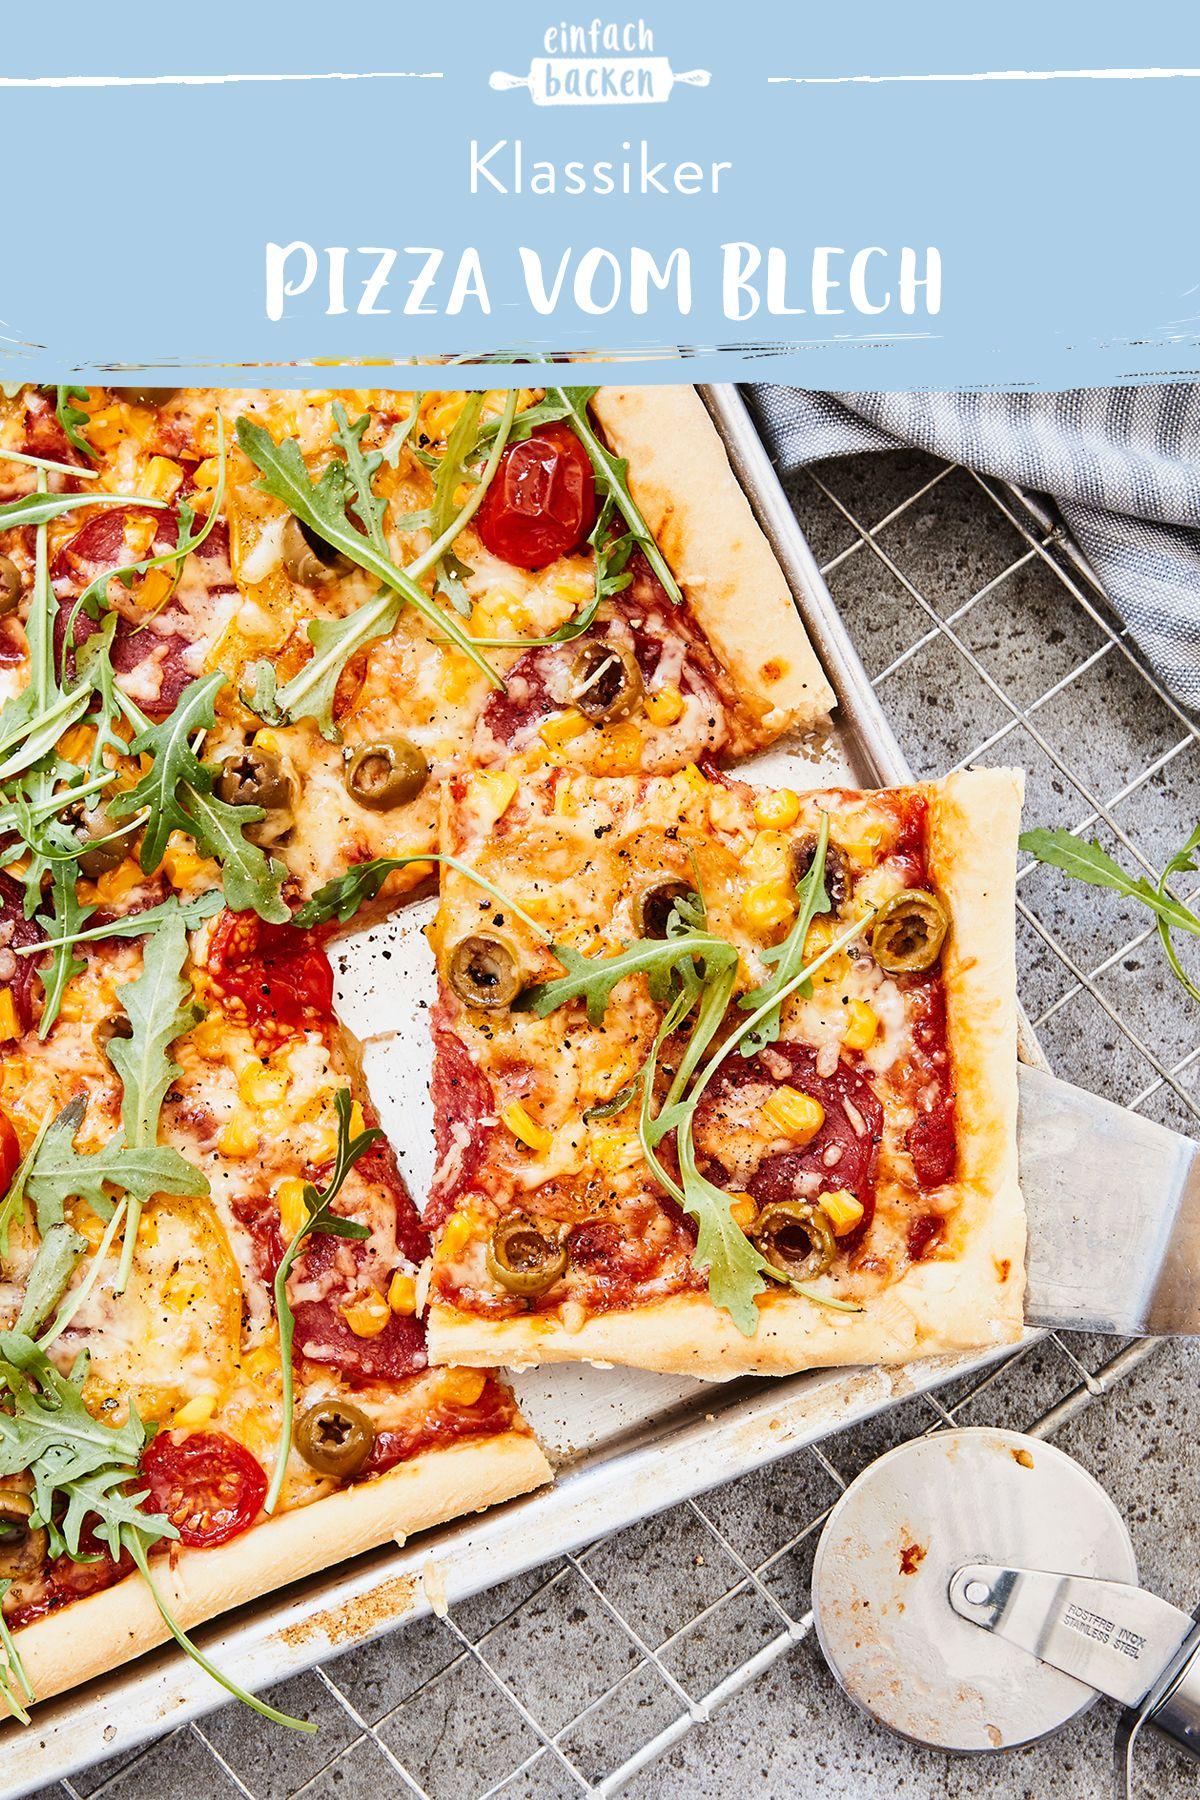 34+ Vegetarische pizza vom blech Trends